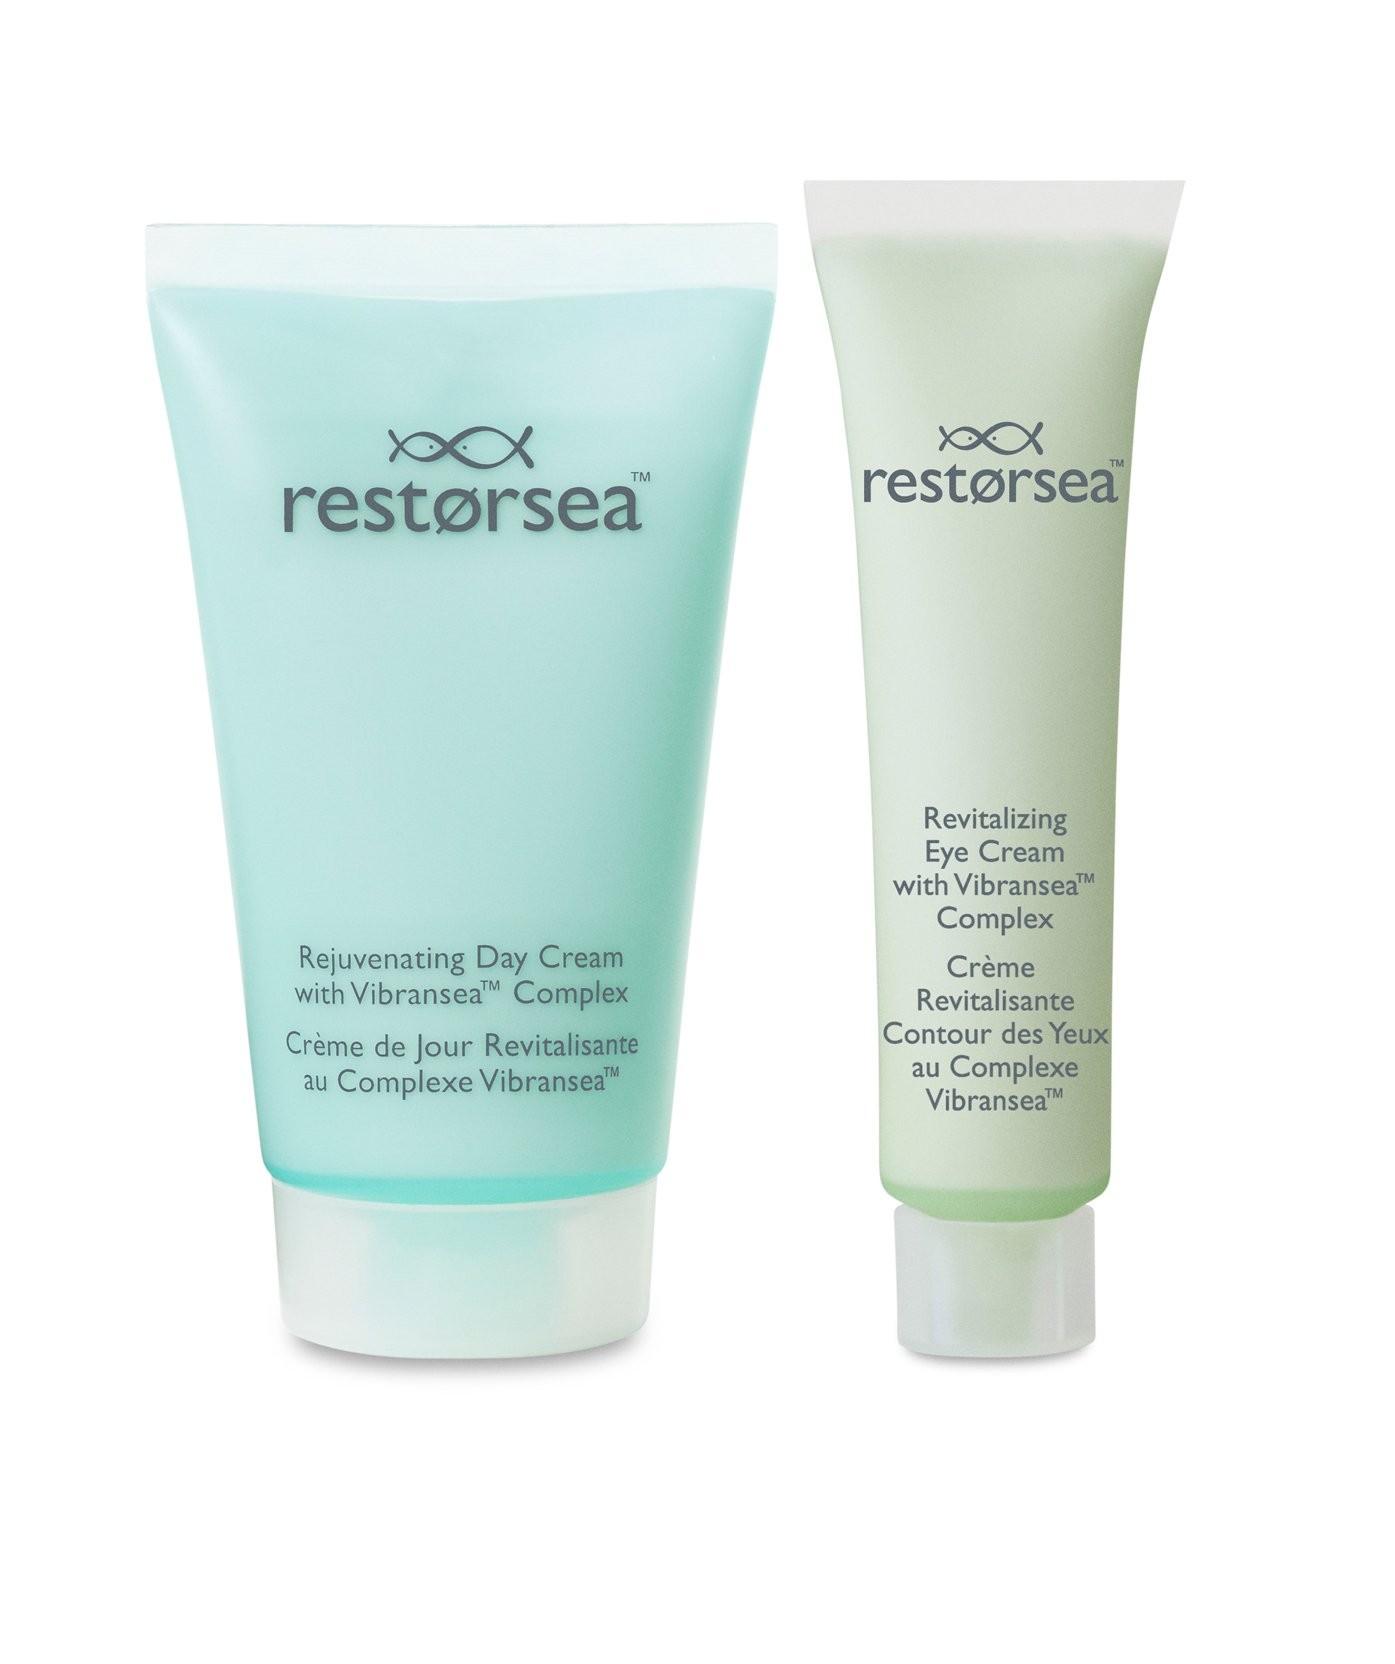 Rejuvenating Day Cream and Revitalizing Eye Cream Starter Kit - Full Size Travel Tubes